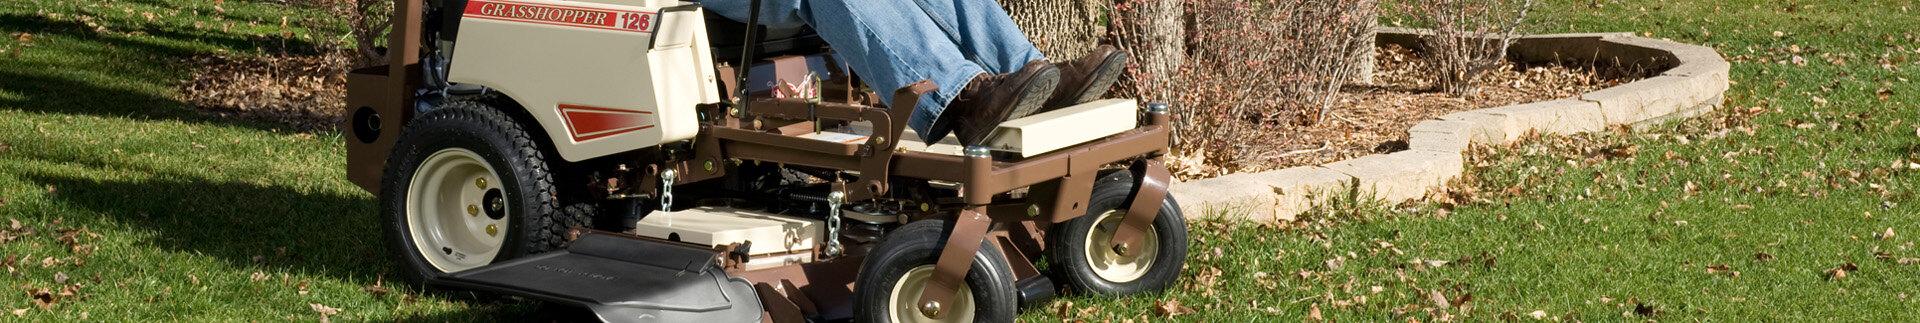 GRASSHOPPER DEALER - Richards Equipment Inc  Barrie, ON 705-721-5530